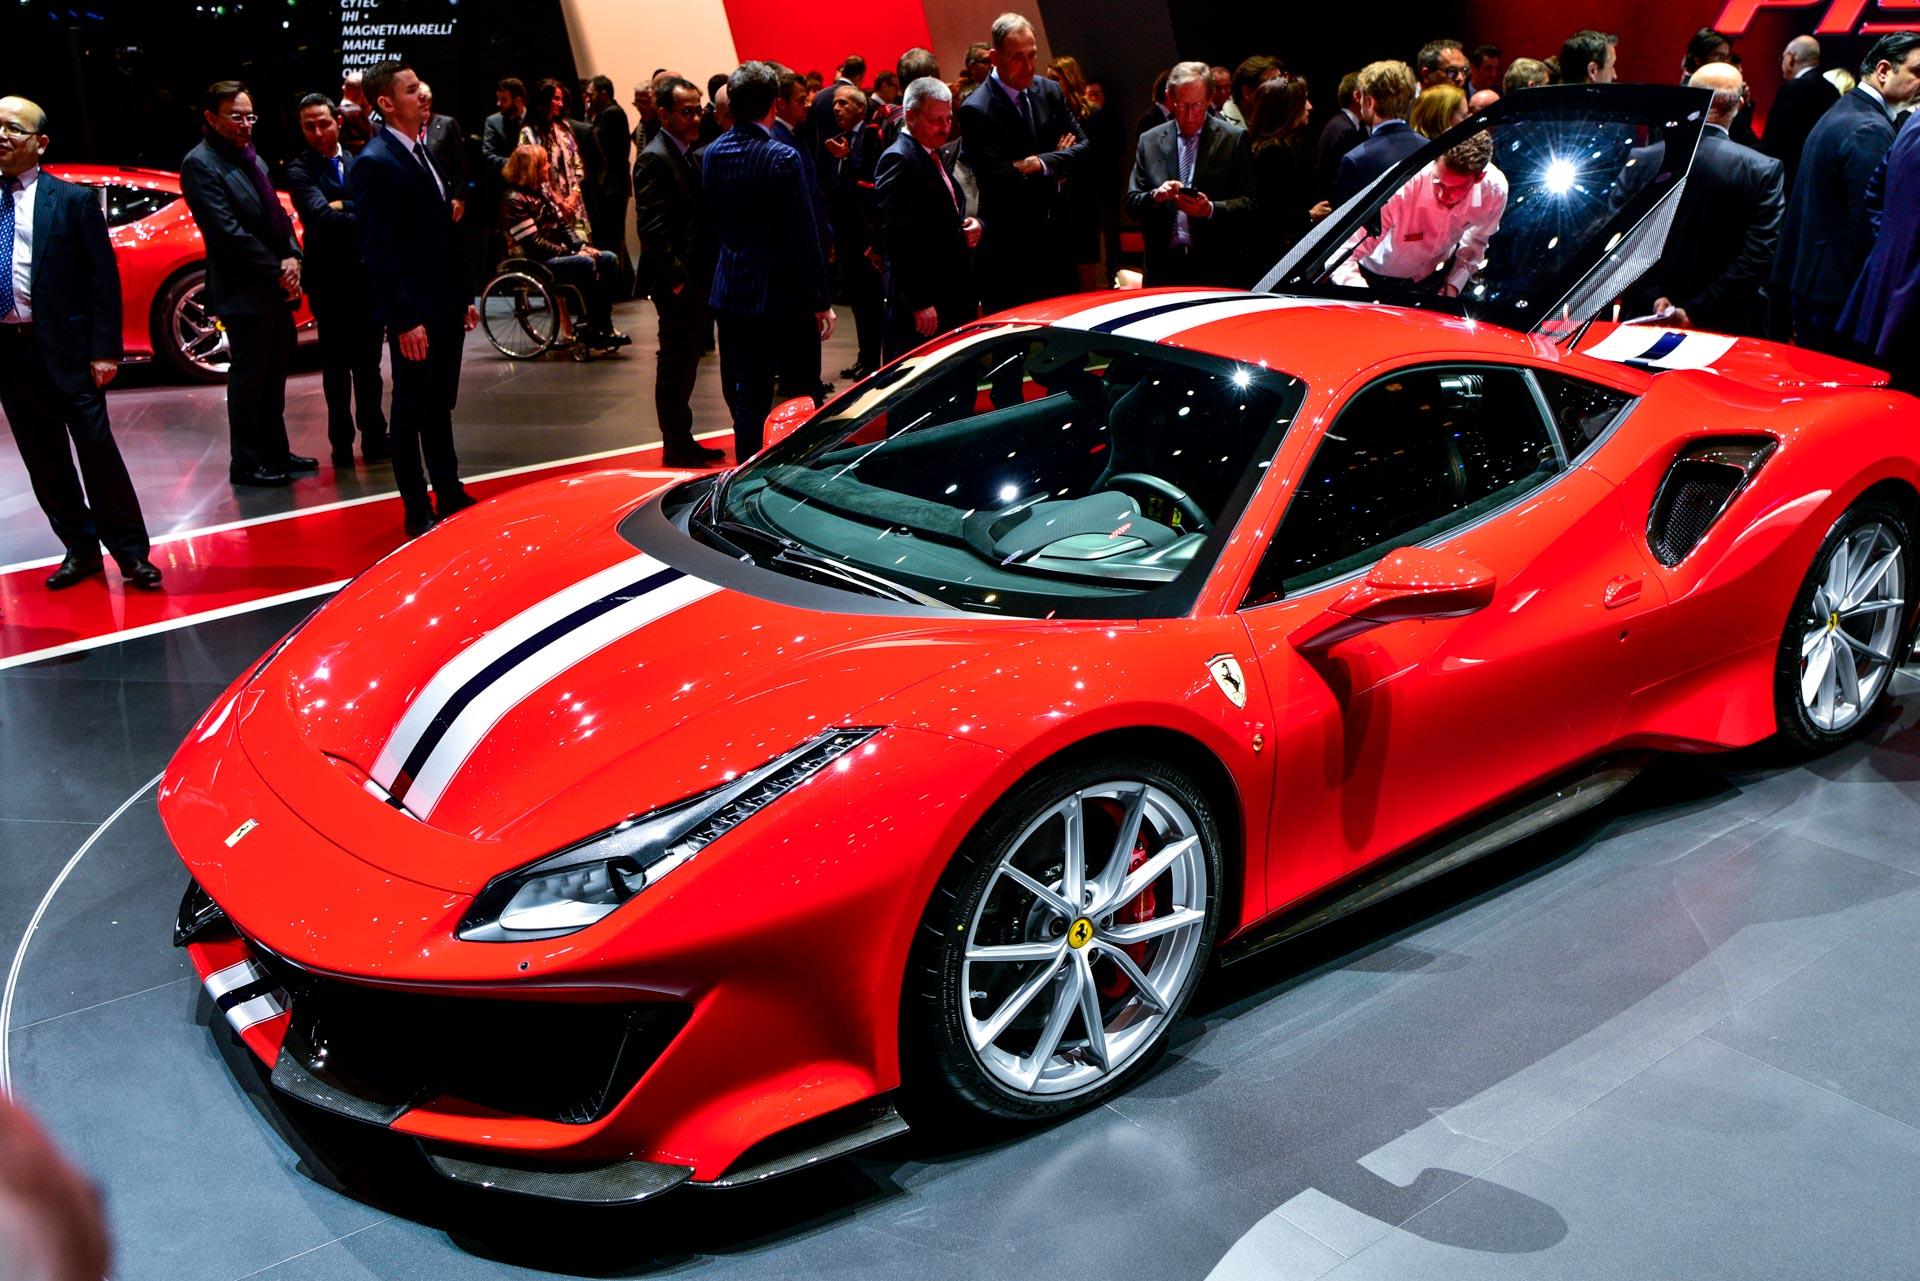 В Женеве было показано два экземпляра модели. Первый получает классическую цветовую схему Ferrari Red с полосатым капотом, второй - серебристой с сплошными синими полосками. Никакой информации о цене или доступности пока нет, но мы надеемся получить